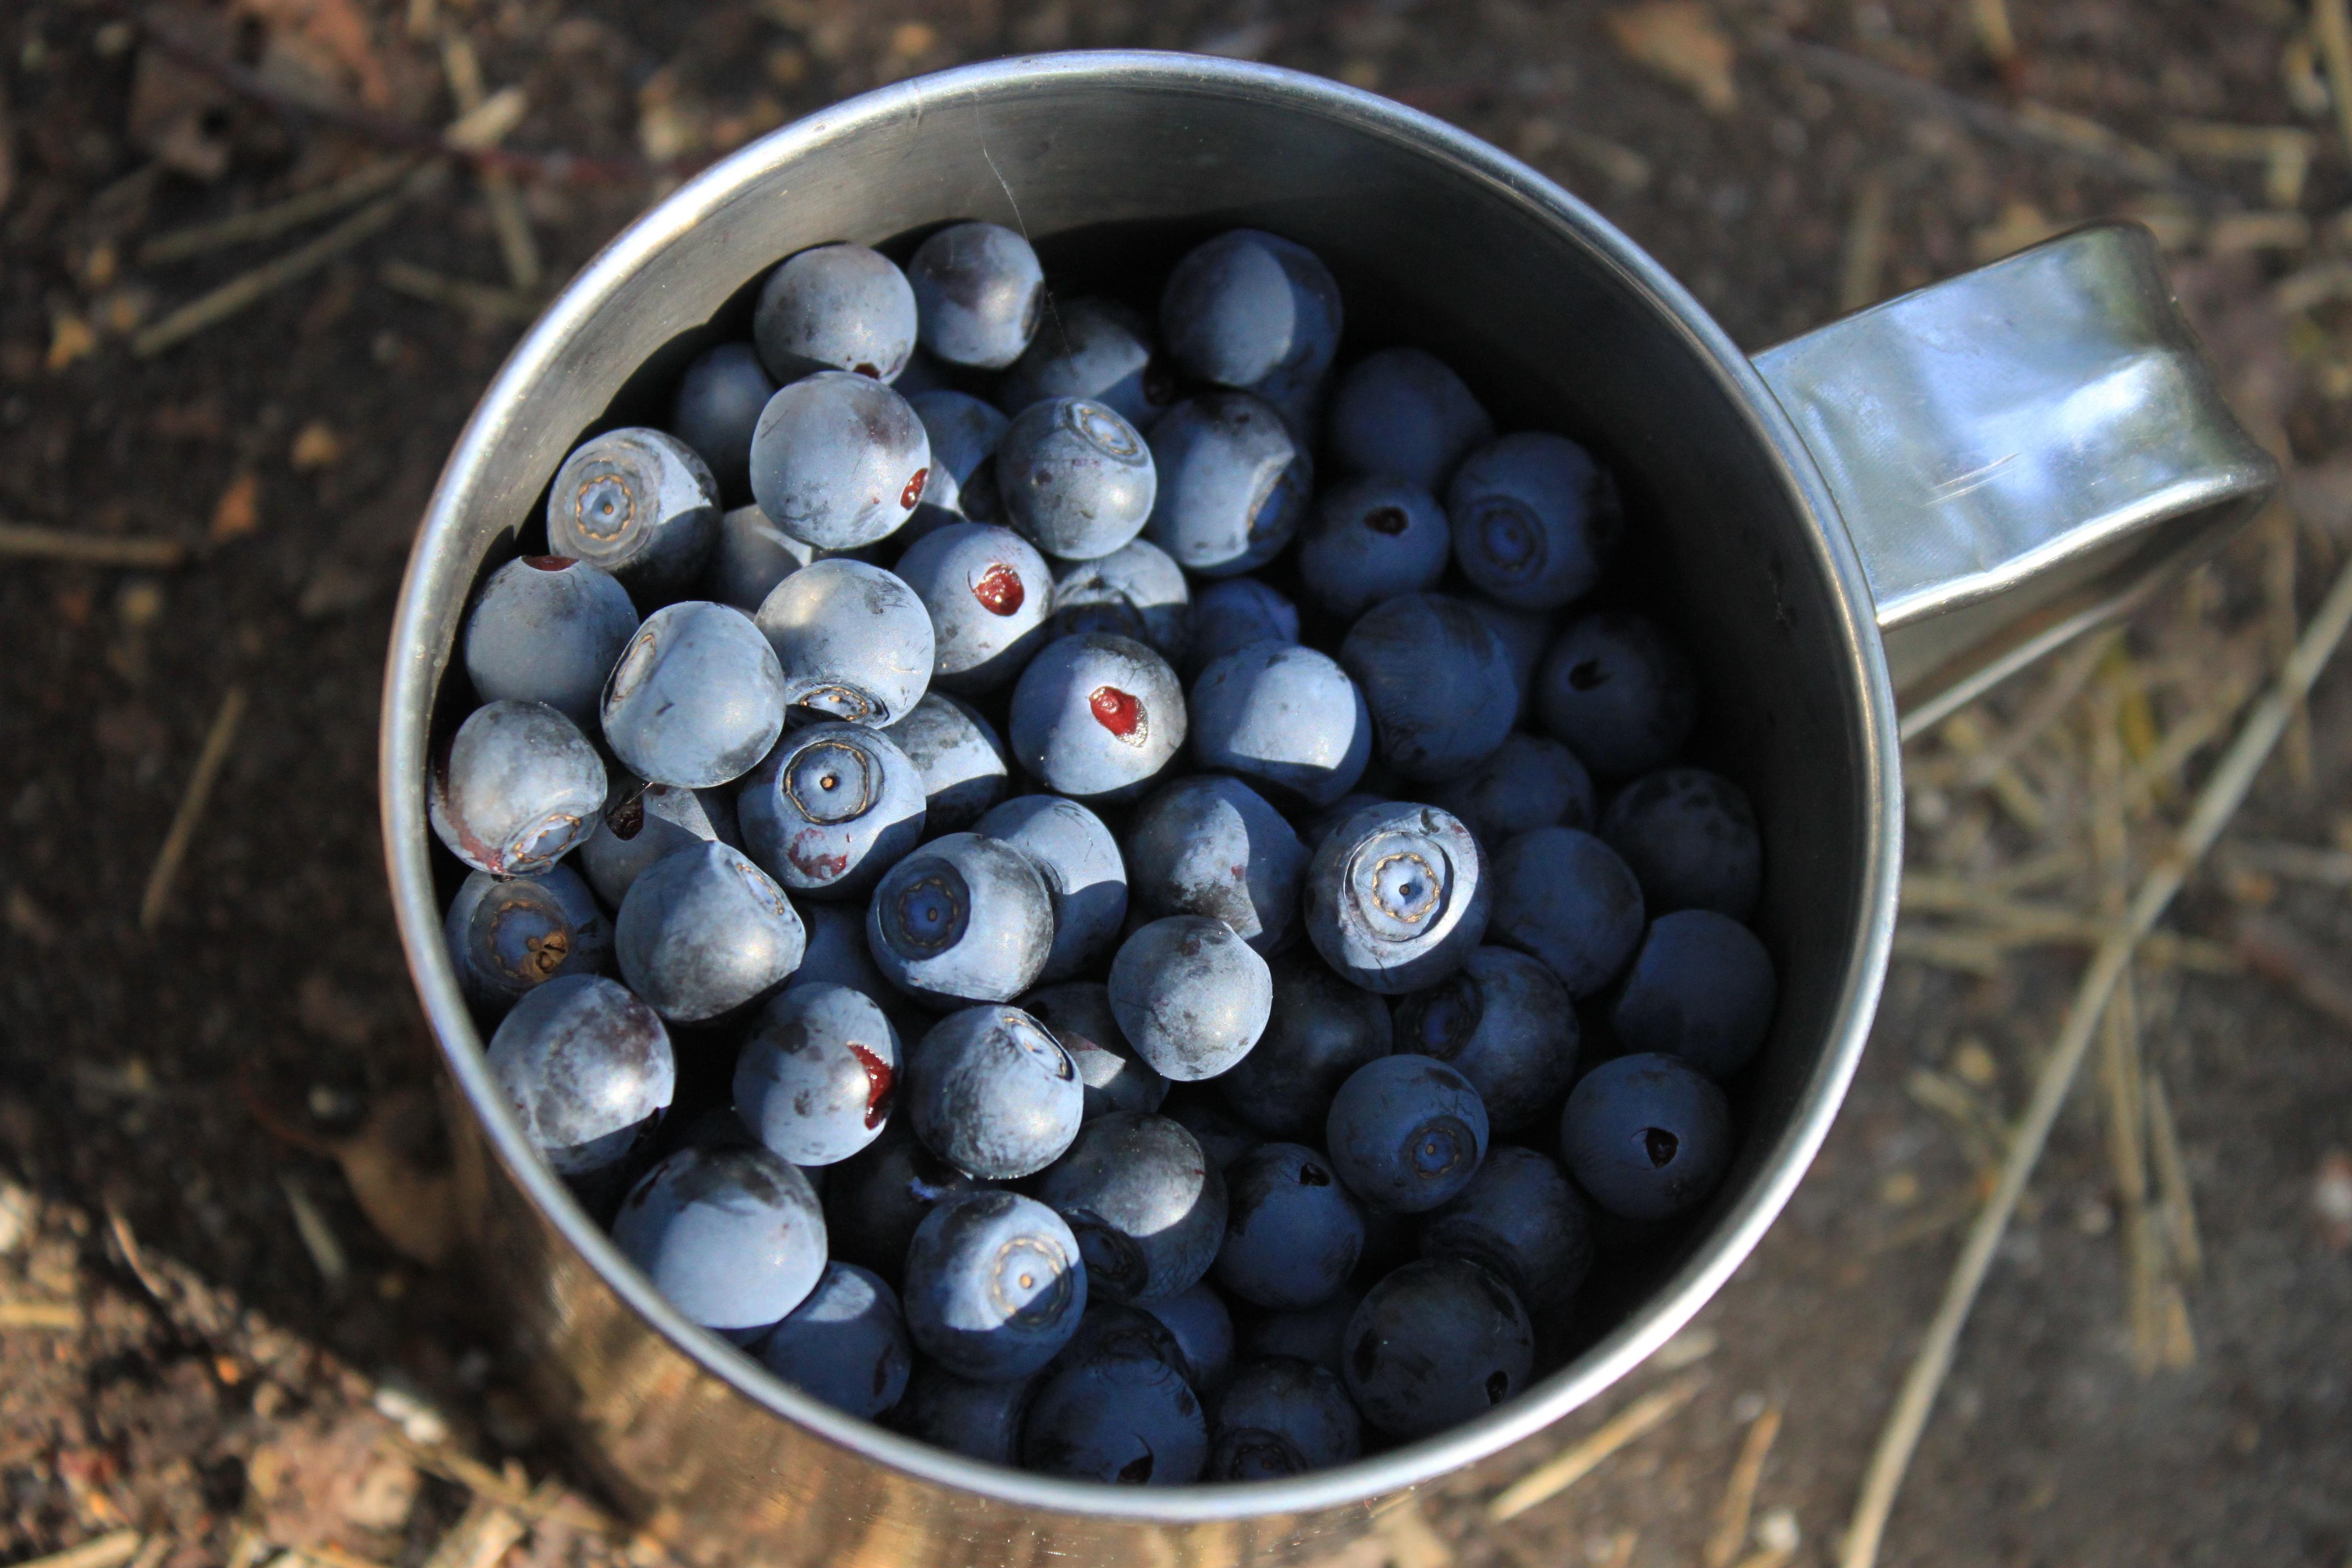 55405 Hintergrundbild herunterladen Lebensmittel, Blaubeeren, Berries, Eine Tasse, Tasse - Bildschirmschoner und Bilder kostenlos